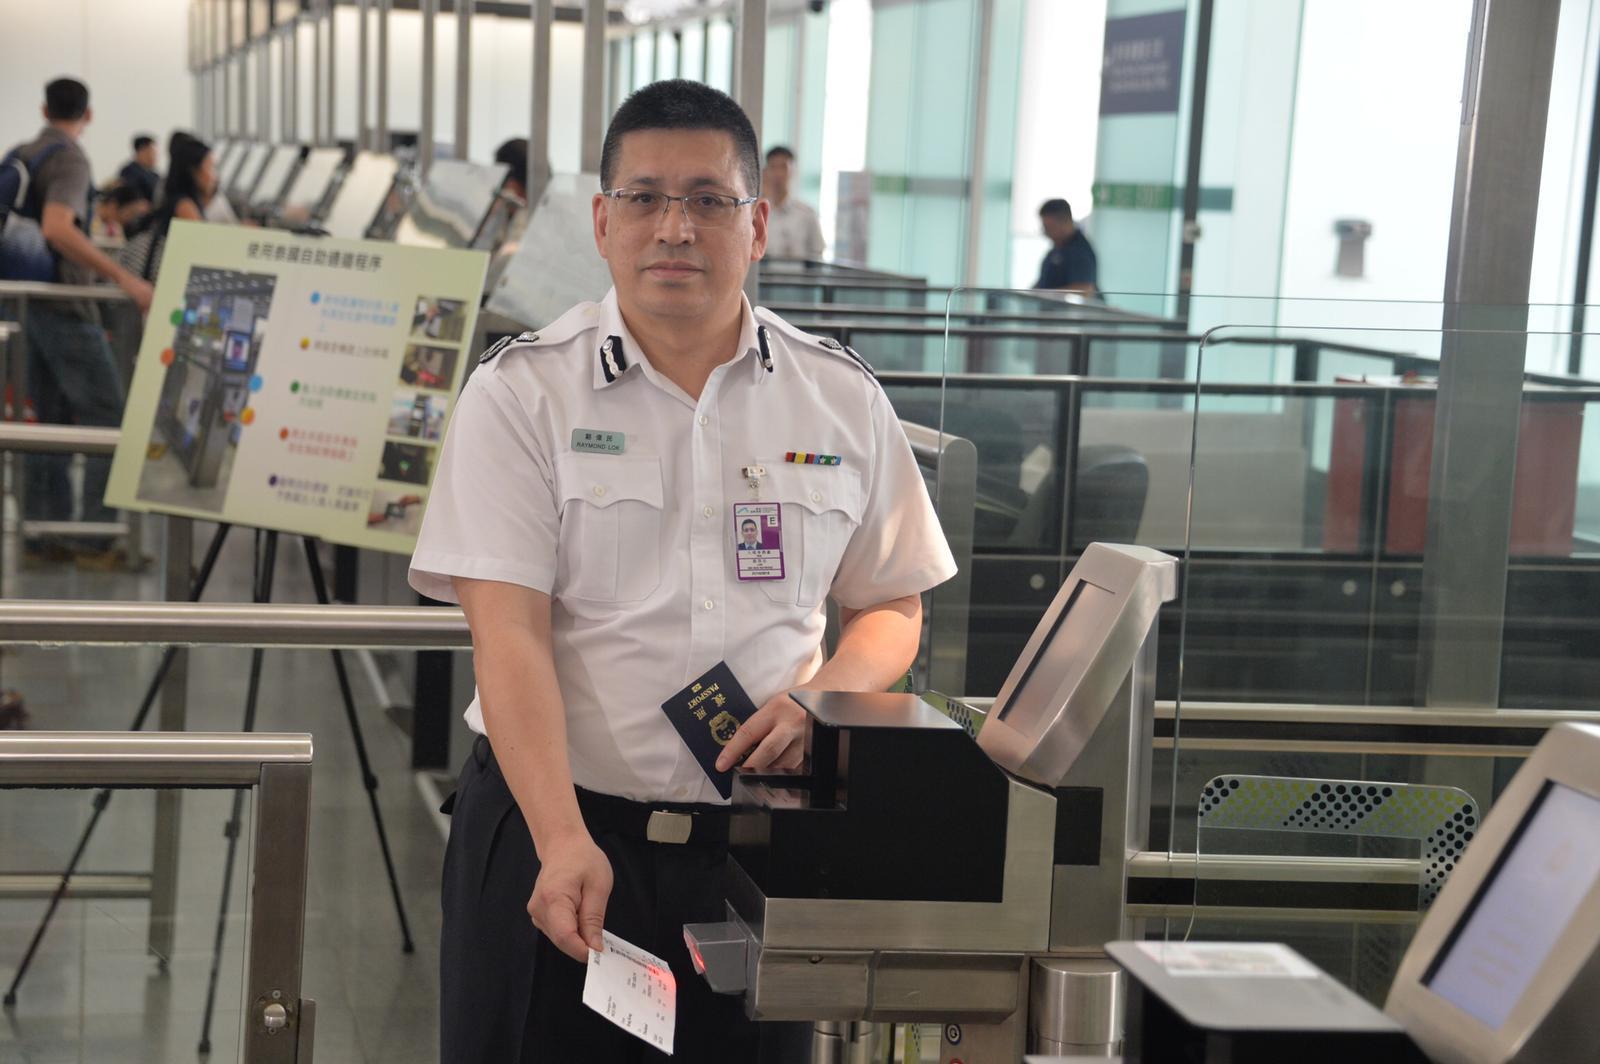 本港跟泰國曼谷兩個機場達成協議,明日起兩地居民旅遊時,均可免費使用自助出入境檢查服務(e-道)過關。